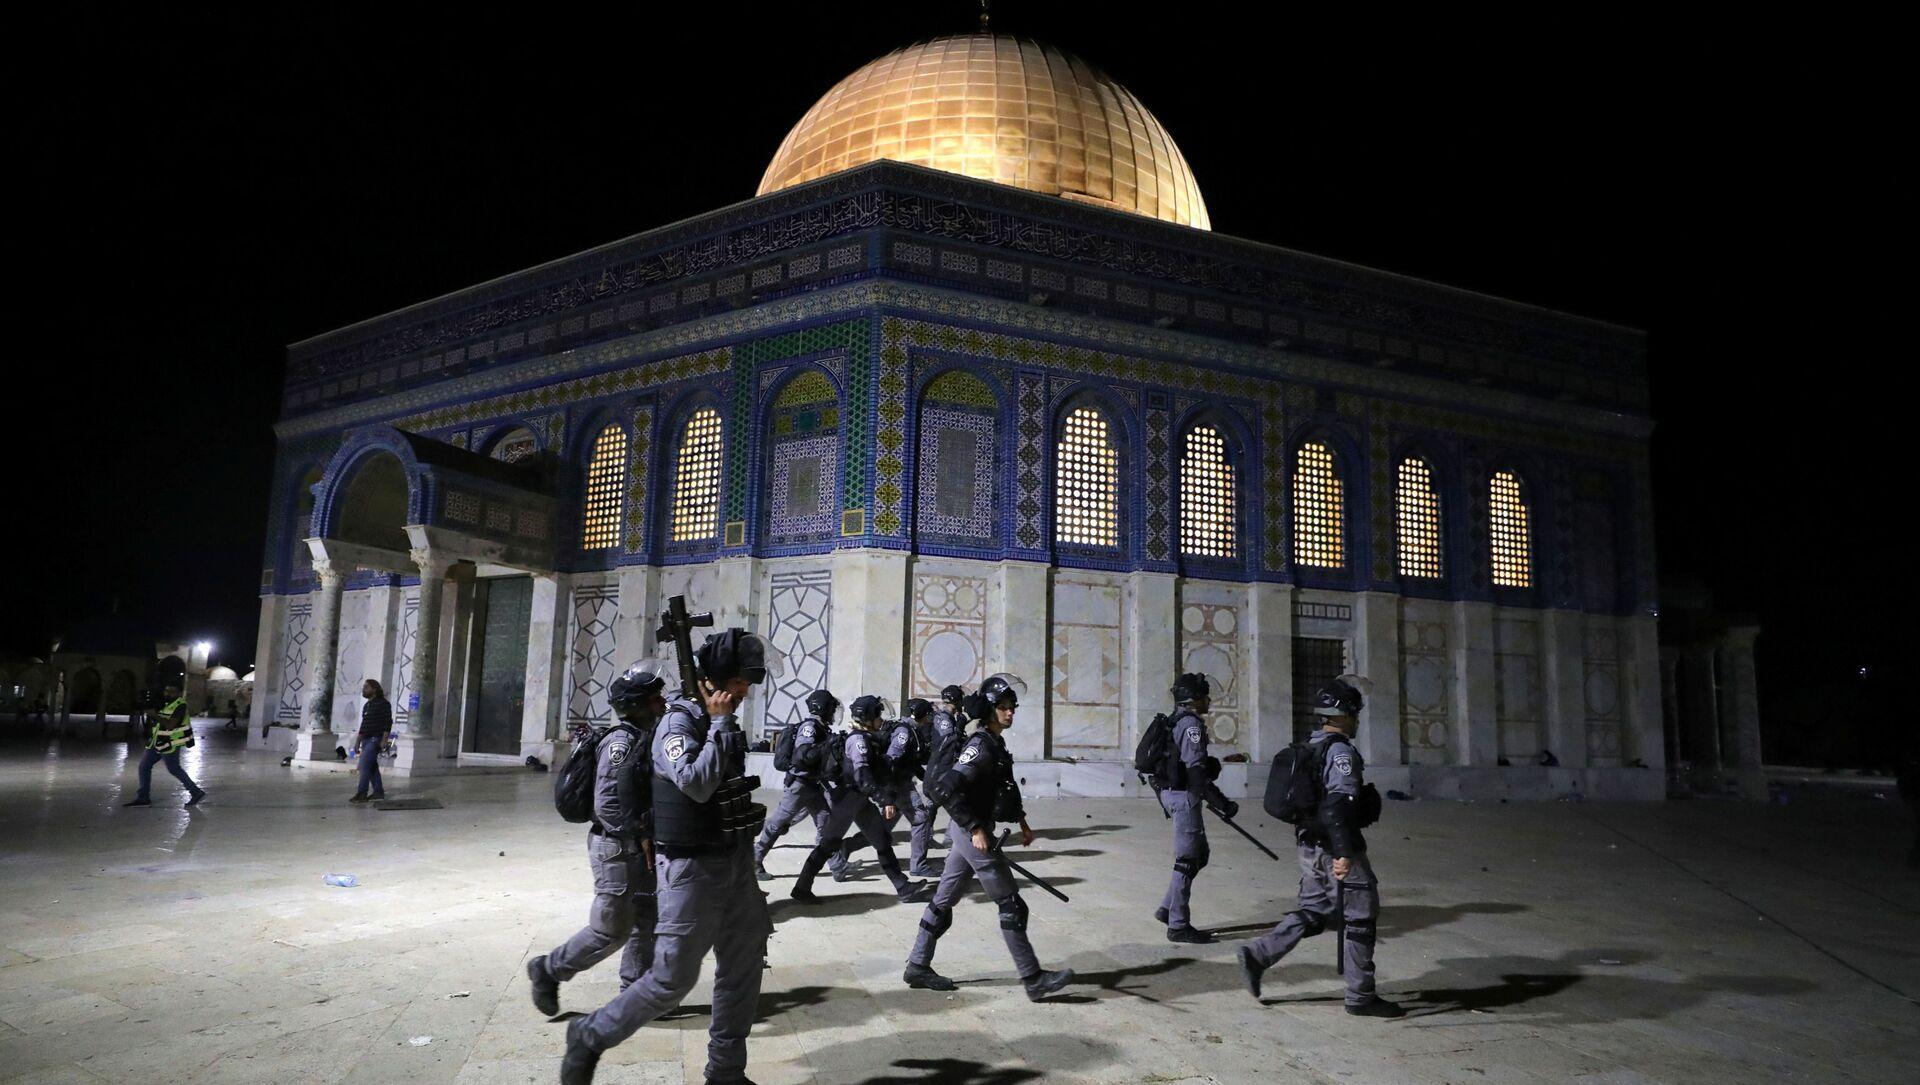 Сuộc đụng độ giữa cảnh sát Israel và người Palestine ở Đông Jerusalem - Sputnik Việt Nam, 1920, 15.05.2021